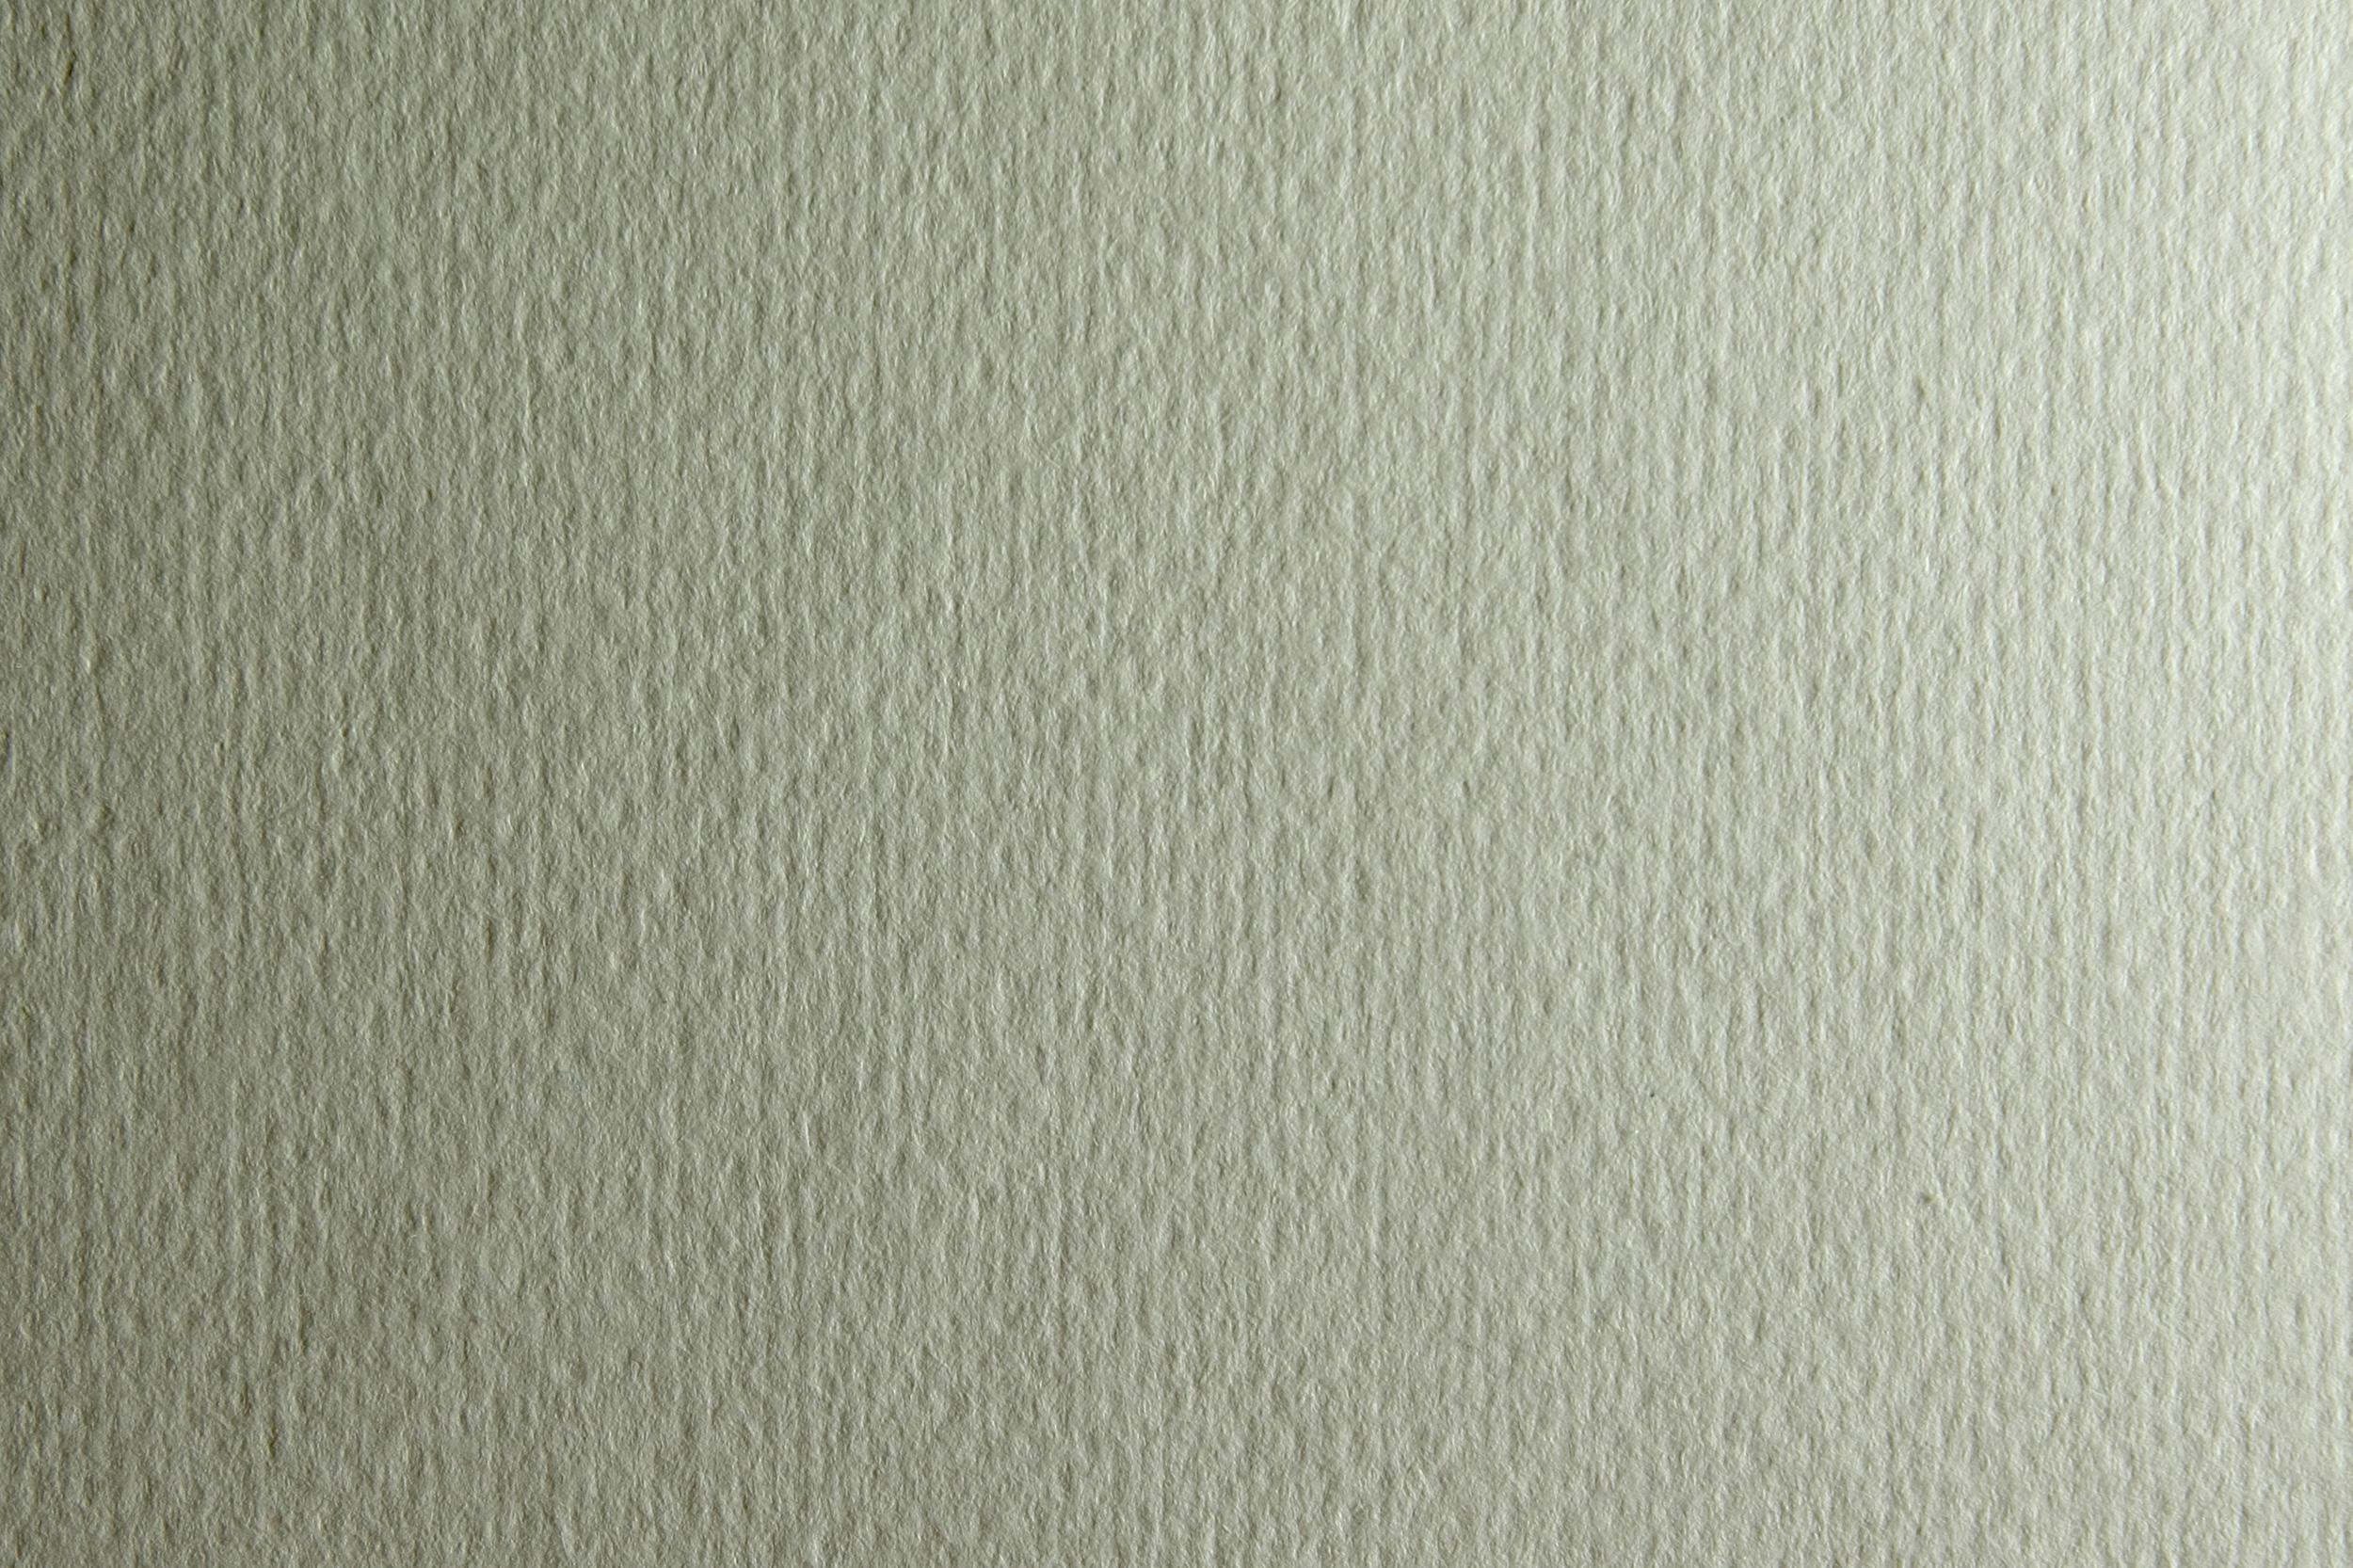 бесплатно качественные текстуры ...: www.designonstop.com/download/textures/skachat-besplatno...